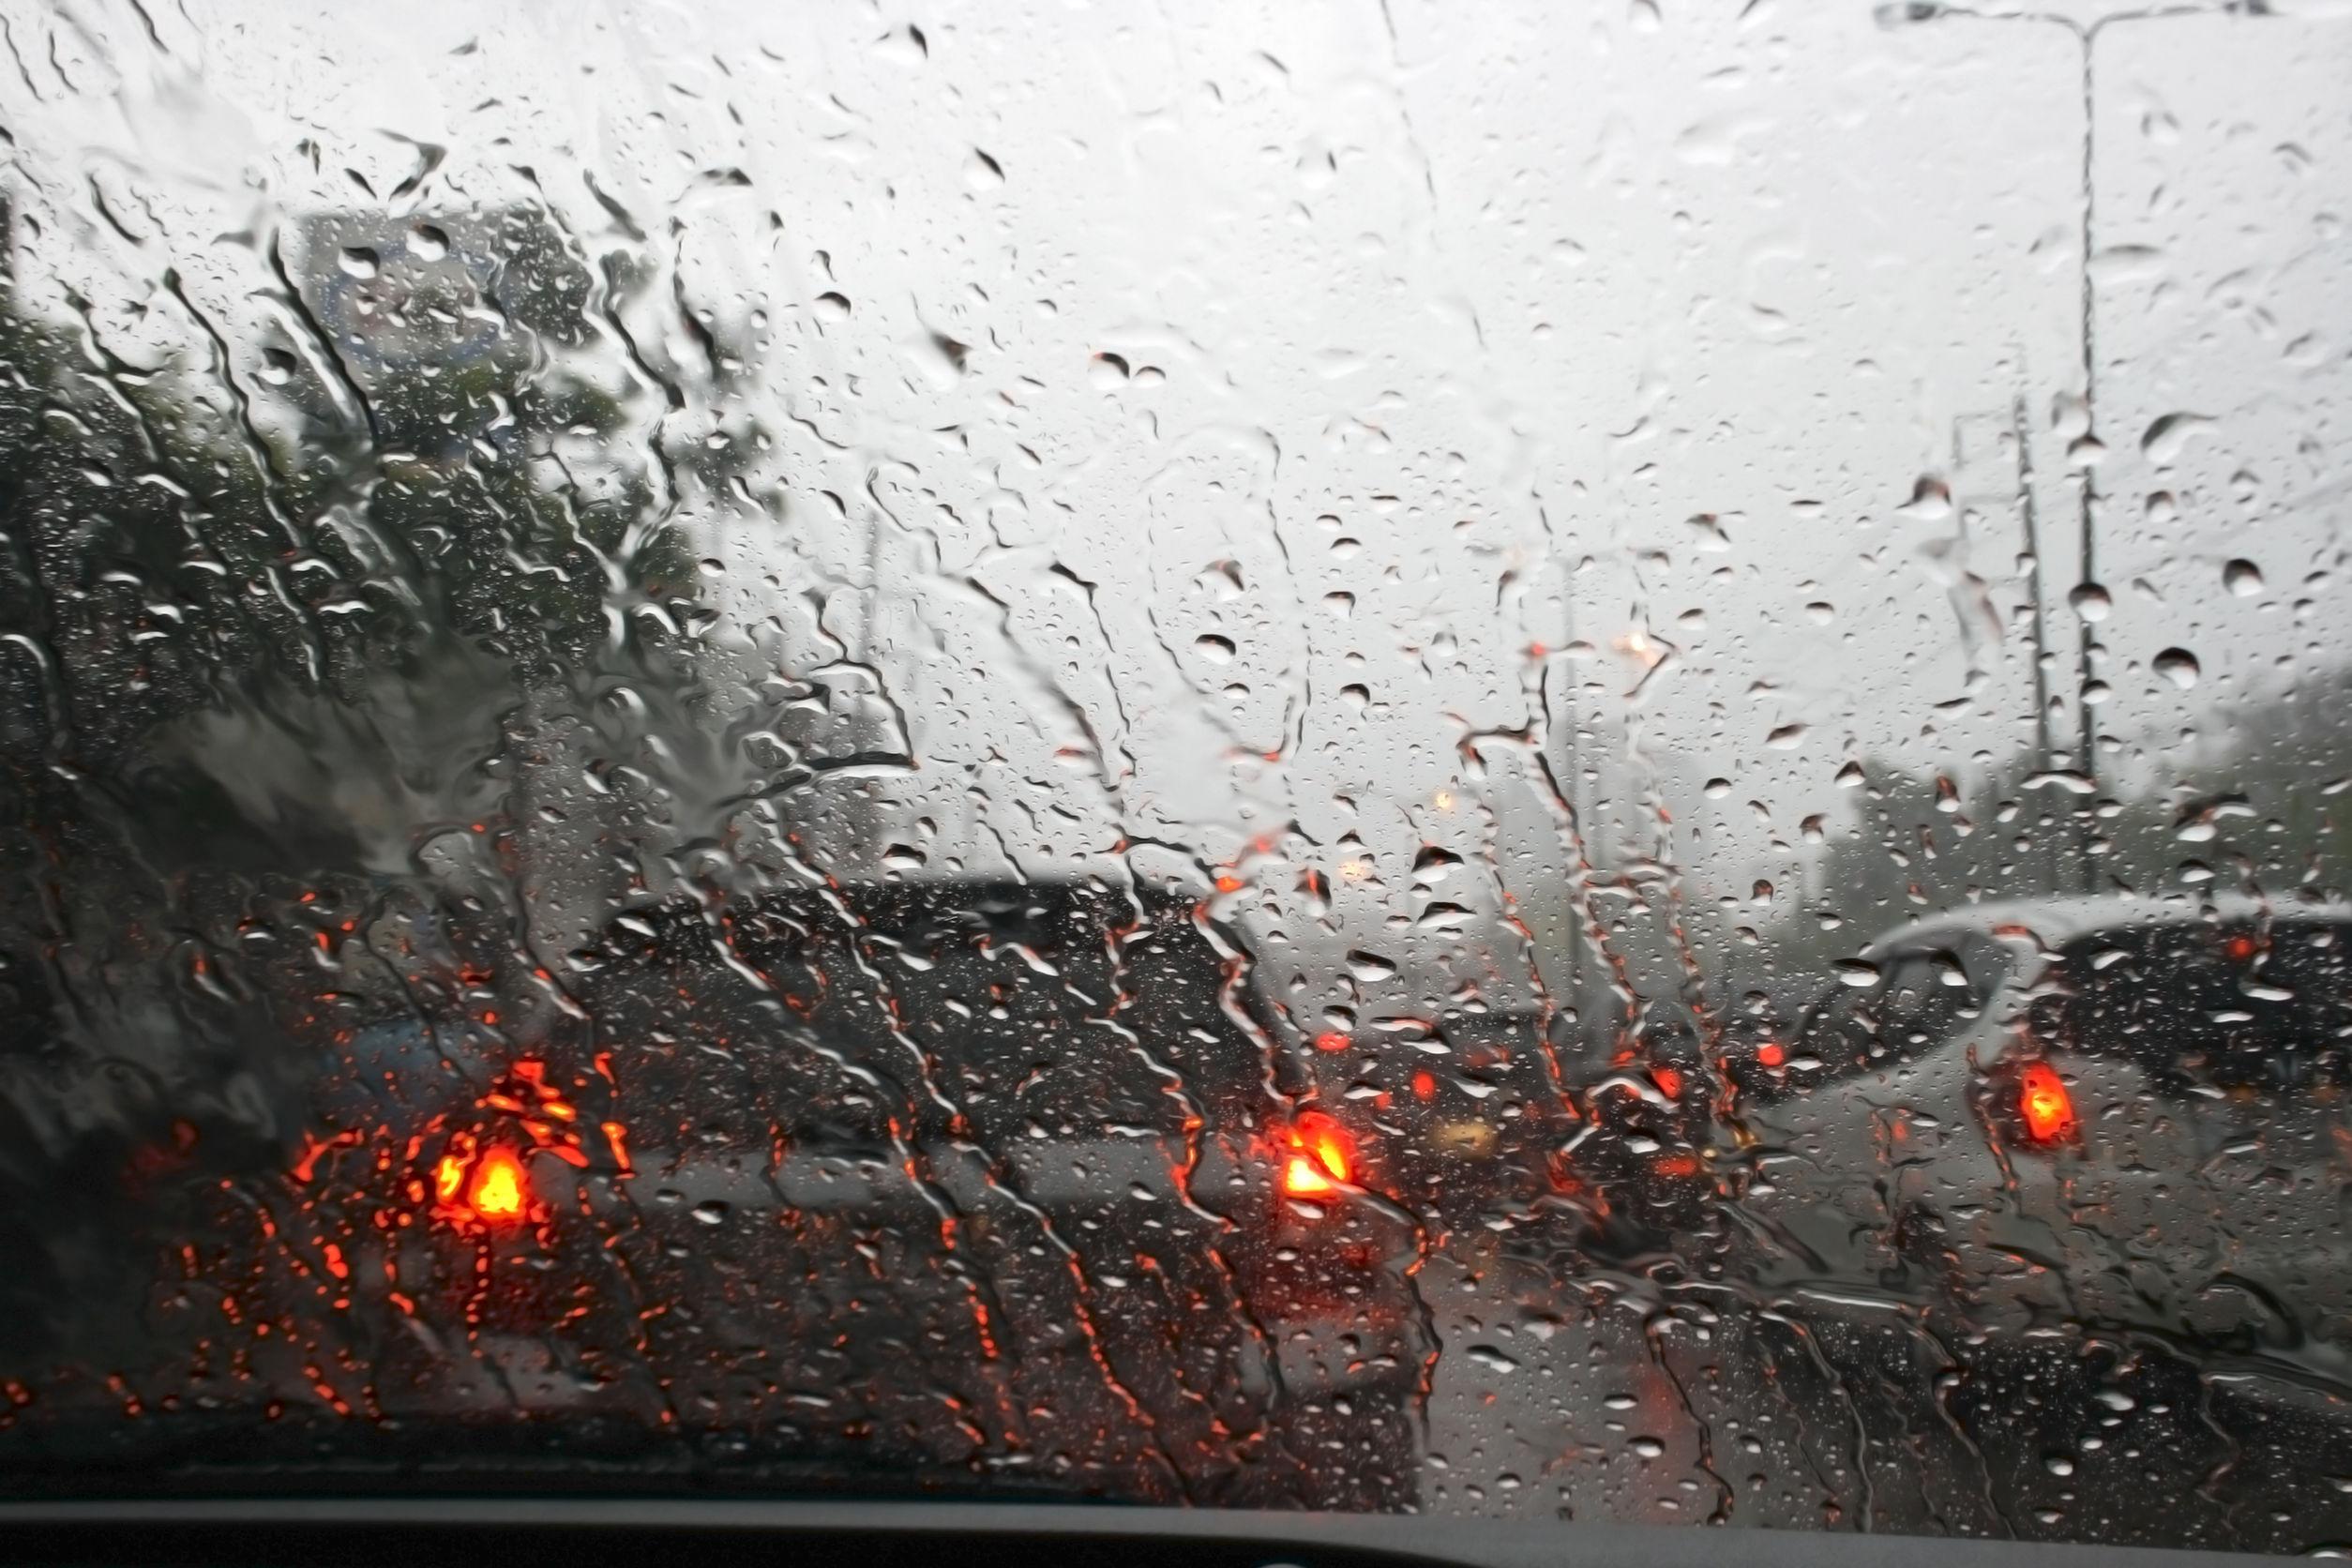 Trafic îngreunat pe DN1 Ploieşti - Braşov, în Sinaia, din cauza apei de pe carosabil. Plouă neîntrerupt, iar canalizarea nu face faţă